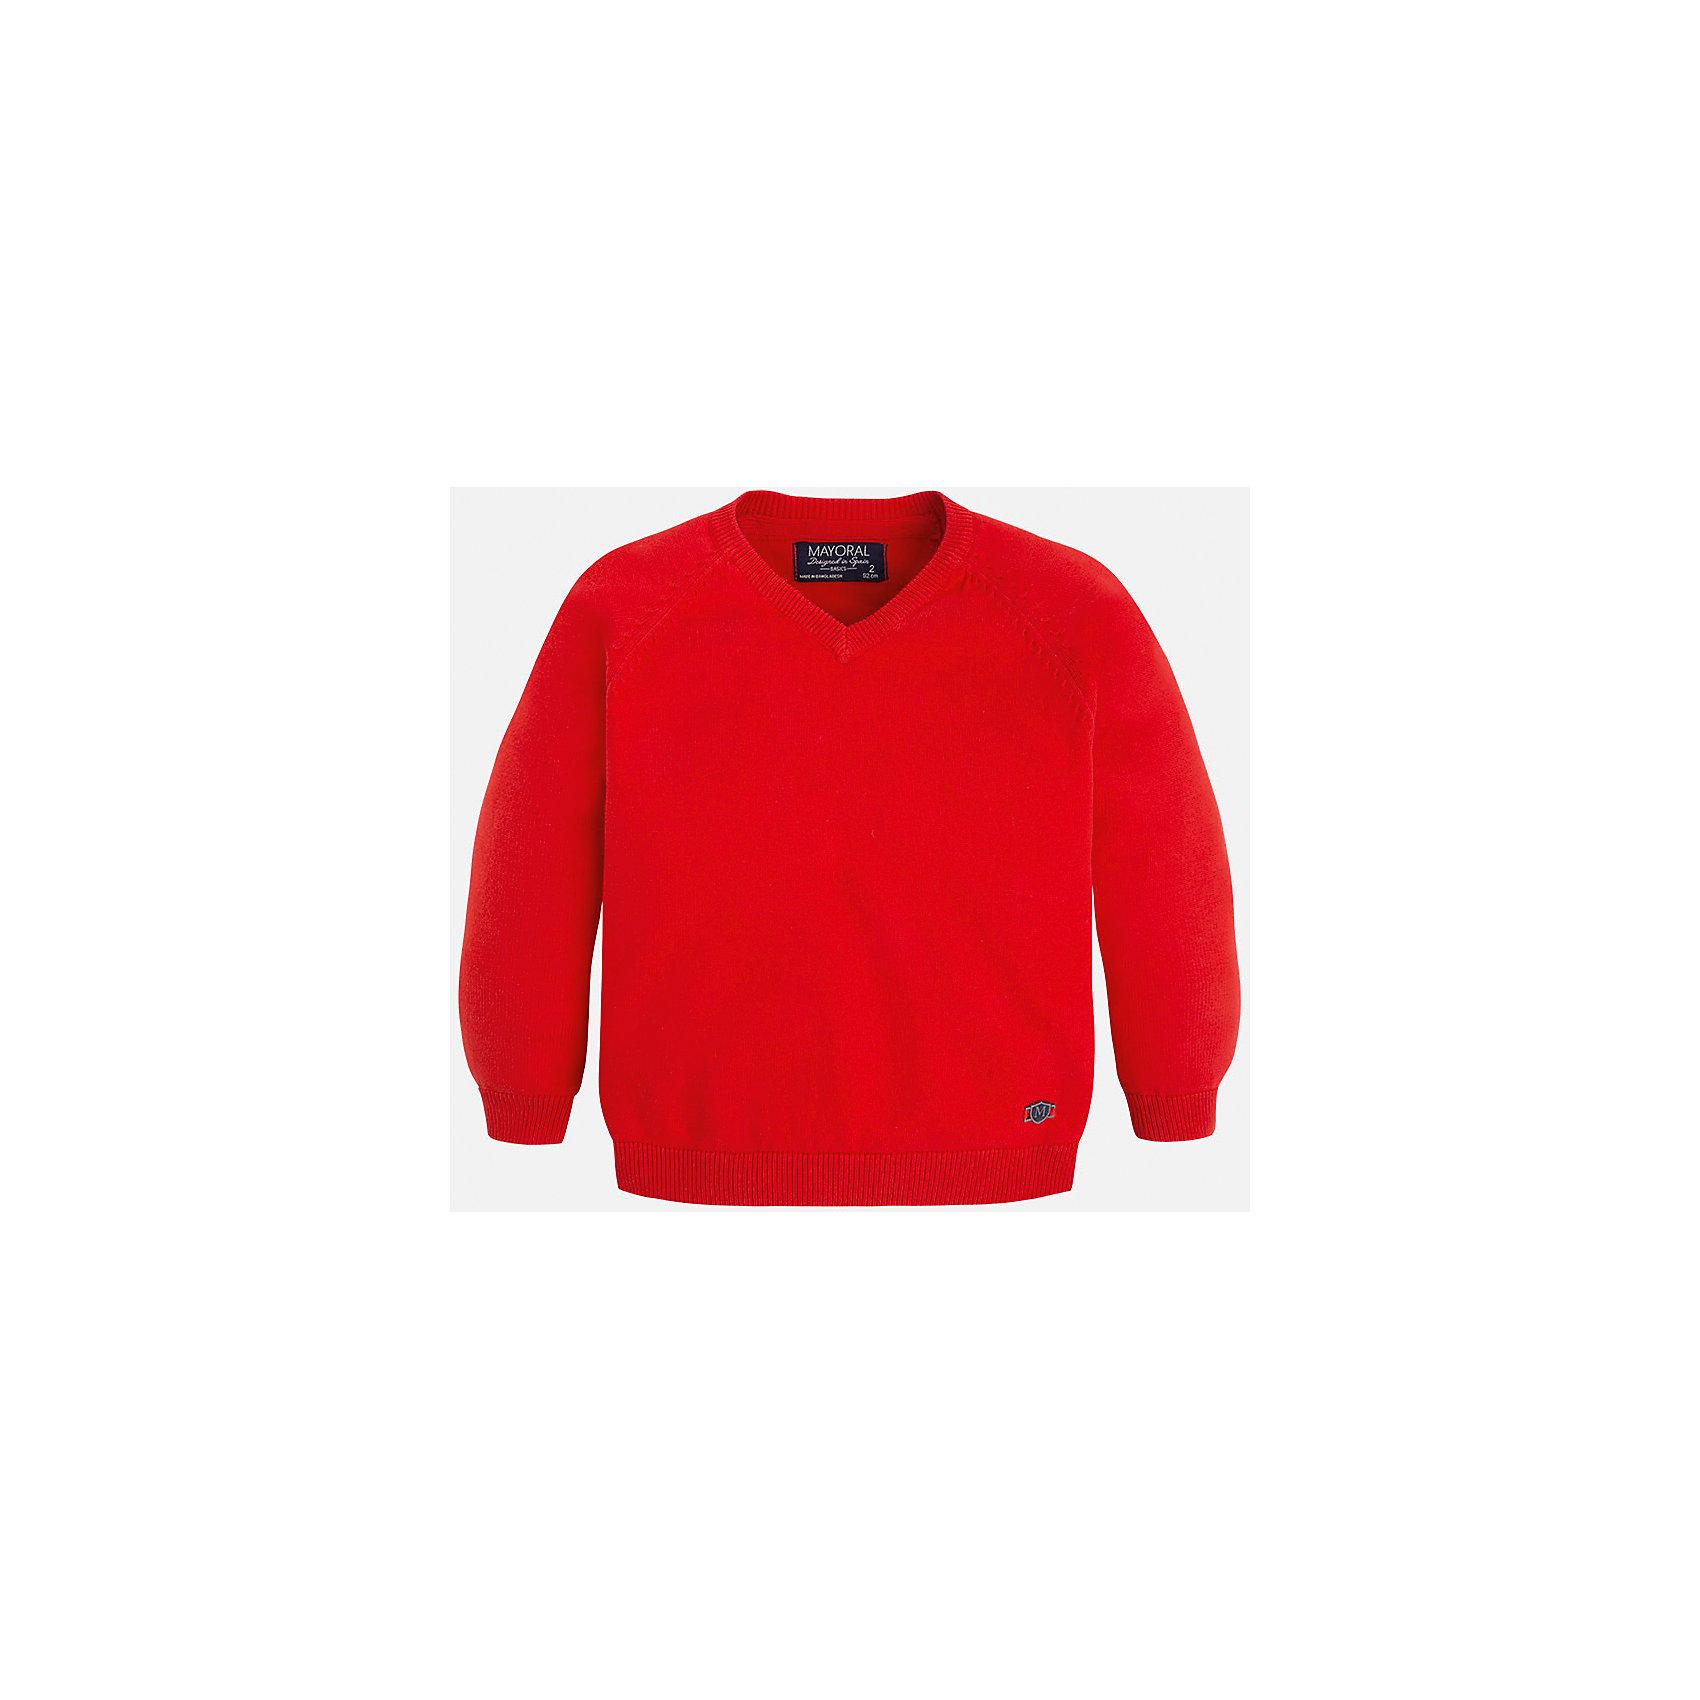 Свитер для мальчика MayoralСтильный свитер для настоящего джентльмена с V- образным вырезом! У свитера классический крой и красивый вырез, поэтому его можно комбинировать с разными вещими и носить в любой сезон.<br><br>Дополнительная информация:<br><br>- Прямой крой,V- образный вырез. <br>- Страна бренда: Испания.<br>- Состав: хлопок 100%<br>- Цвет: красный.<br>- Уход: бережная стирка при 30 градусах.<br><br>Купить свитер для мальчика Mayoral можно в нашем магазине.<br><br>Ширина мм: 190<br>Глубина мм: 74<br>Высота мм: 229<br>Вес г: 236<br>Цвет: коричневый<br>Возраст от месяцев: 108<br>Возраст до месяцев: 120<br>Пол: Мужской<br>Возраст: Детский<br>Размер: 134,98,104,110,116,128,122<br>SKU: 4821695